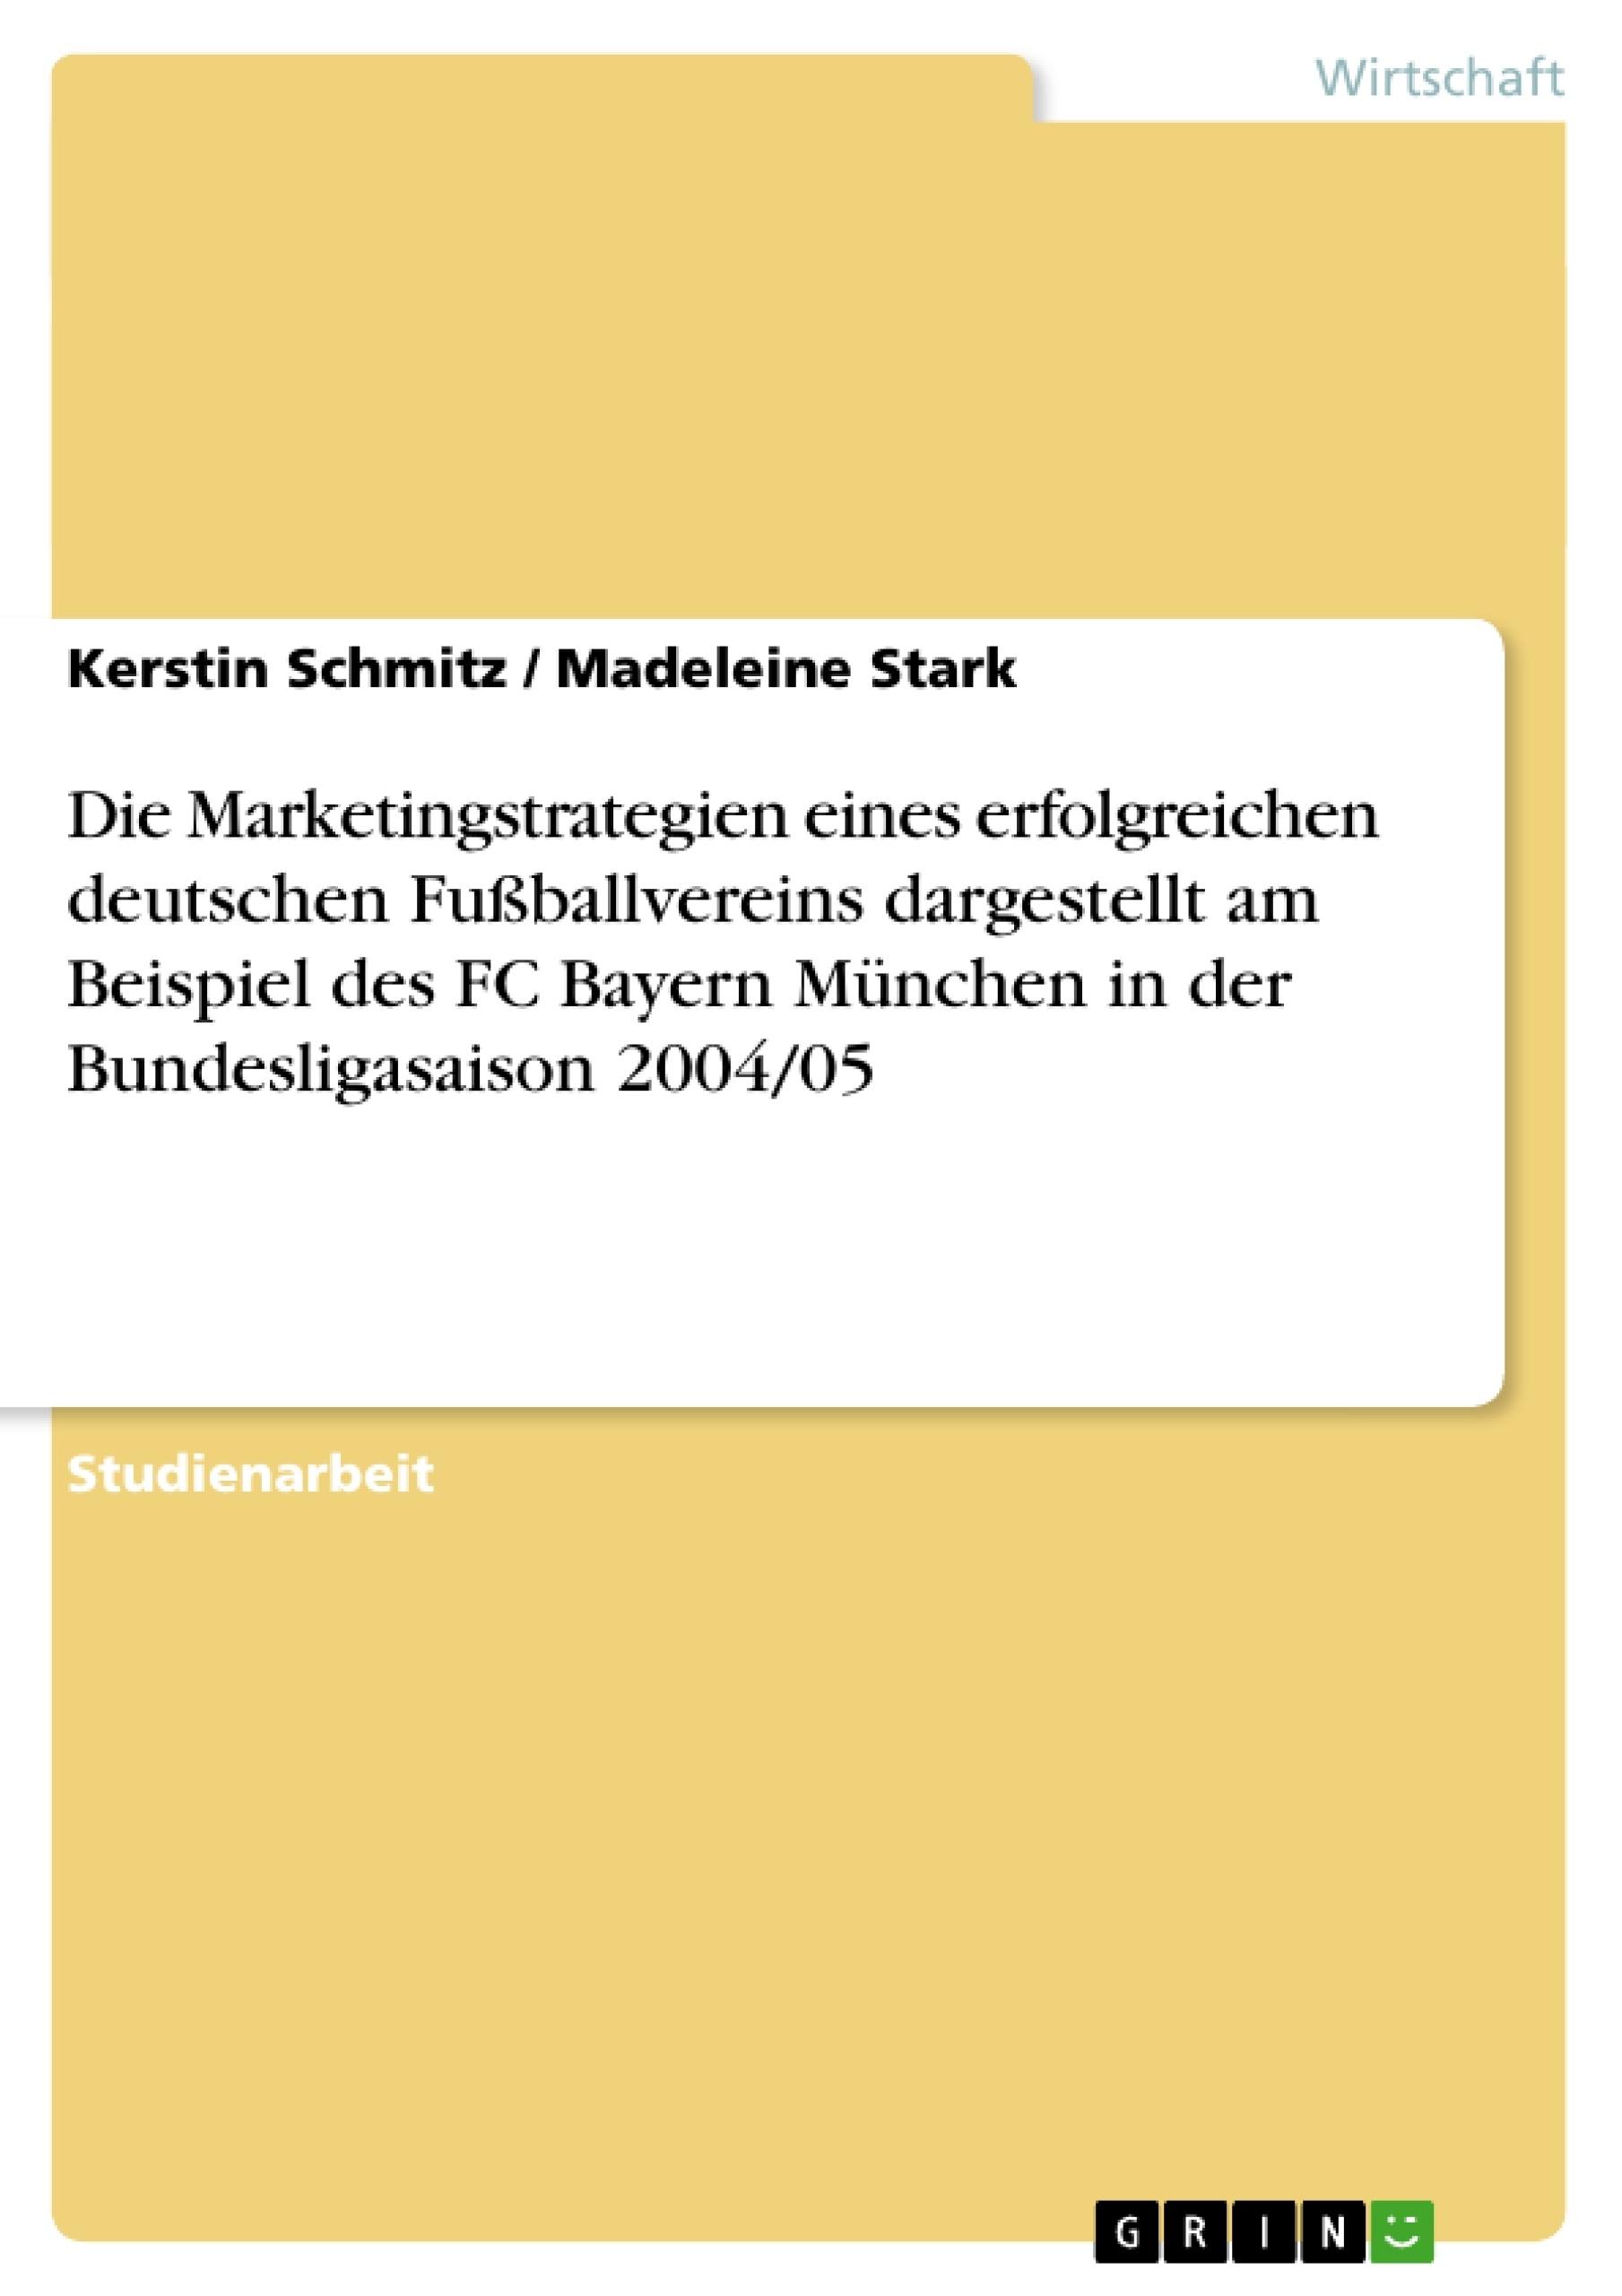 Titel: Die Marketingstrategien eines erfolgreichen deutschen Fußballvereins dargestellt am Beispiel des FC Bayern München in der Bundesligasaison 2004/05